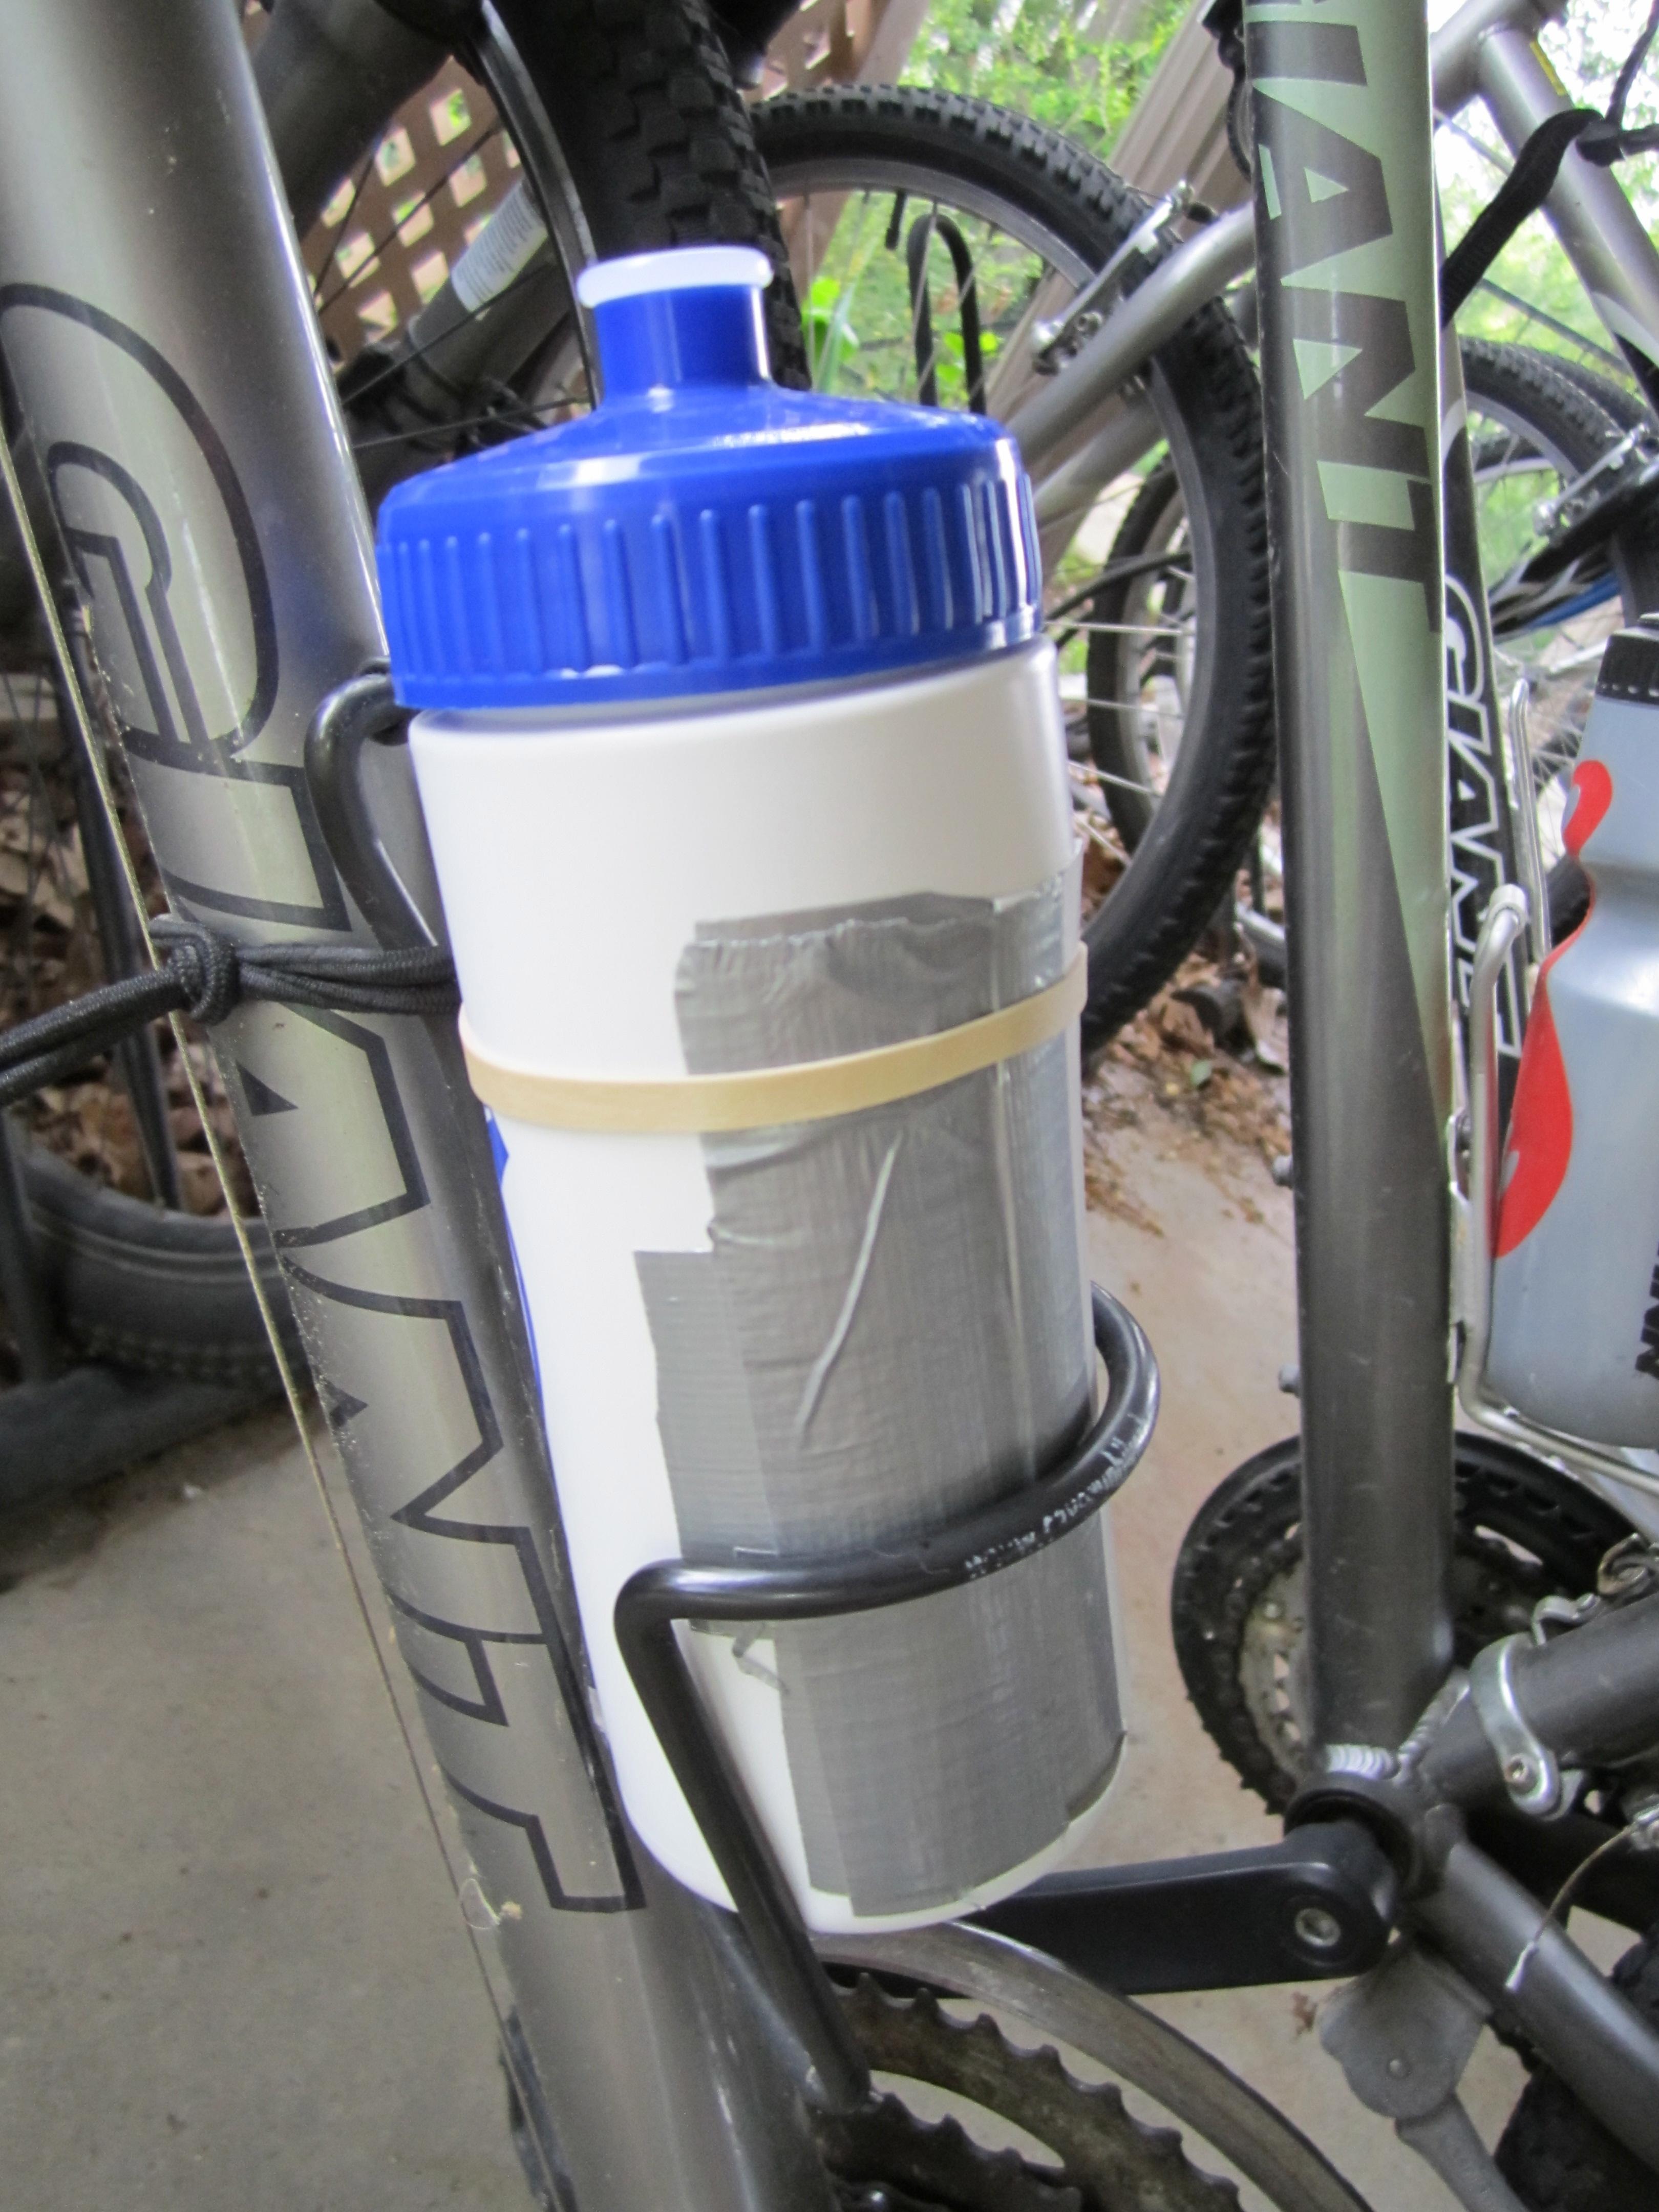 Bike Cellphone Holder